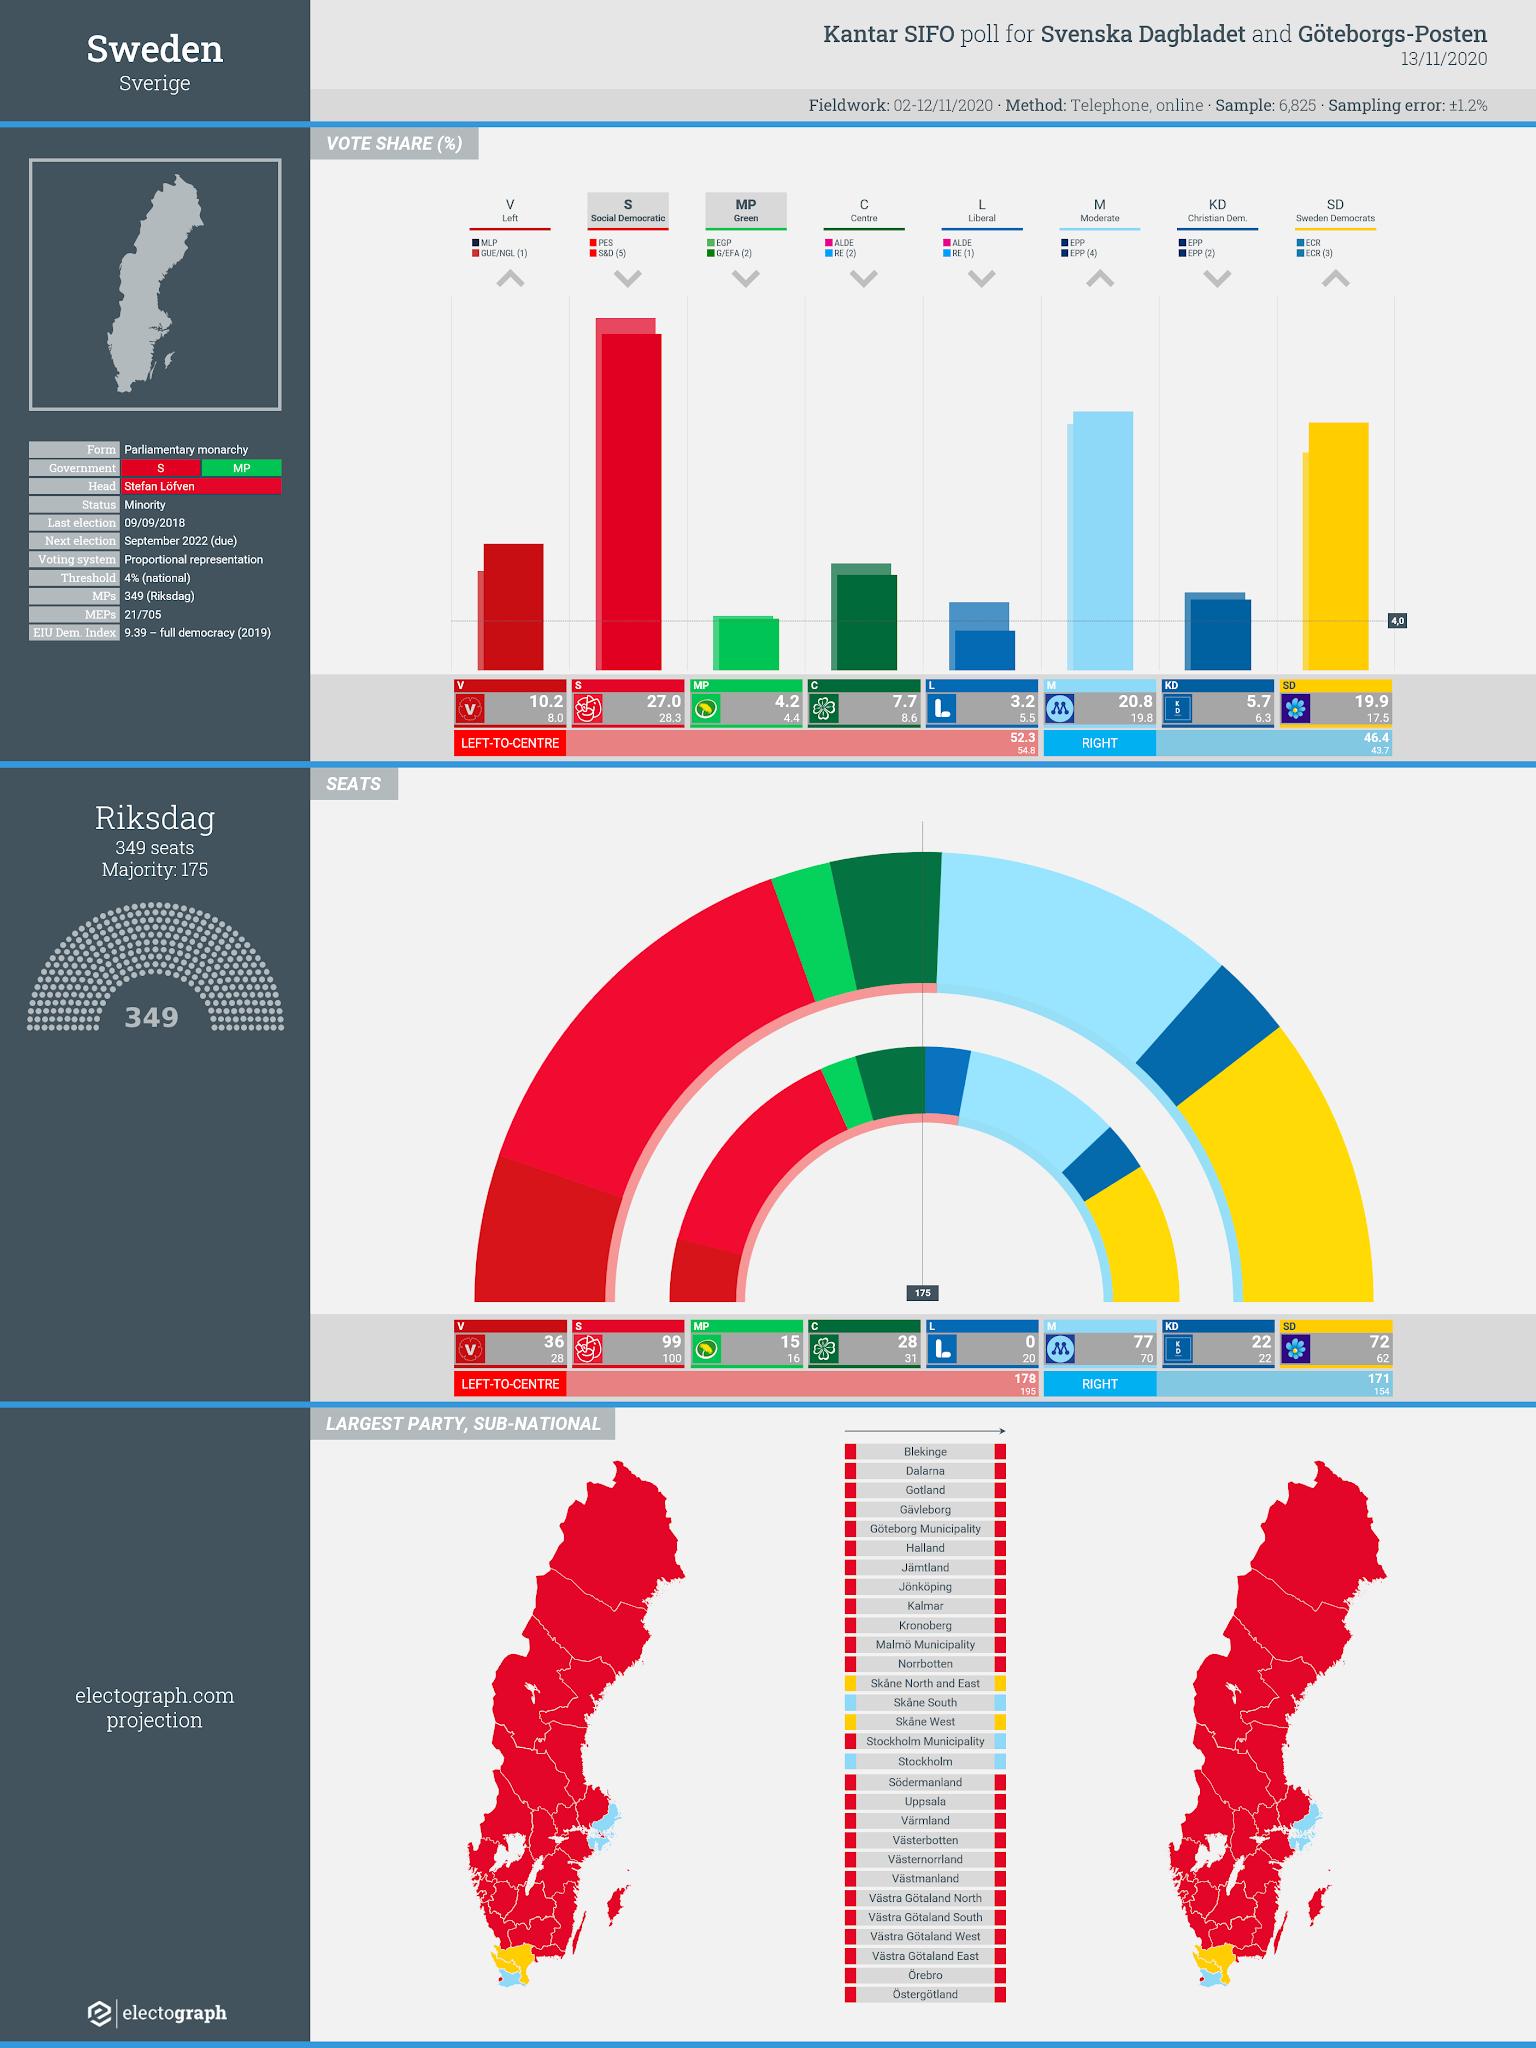 SWEDEN: Kantar SIFO poll chart for Svenska Dagbladet and Göteborgs-Posten, 13 November 2020